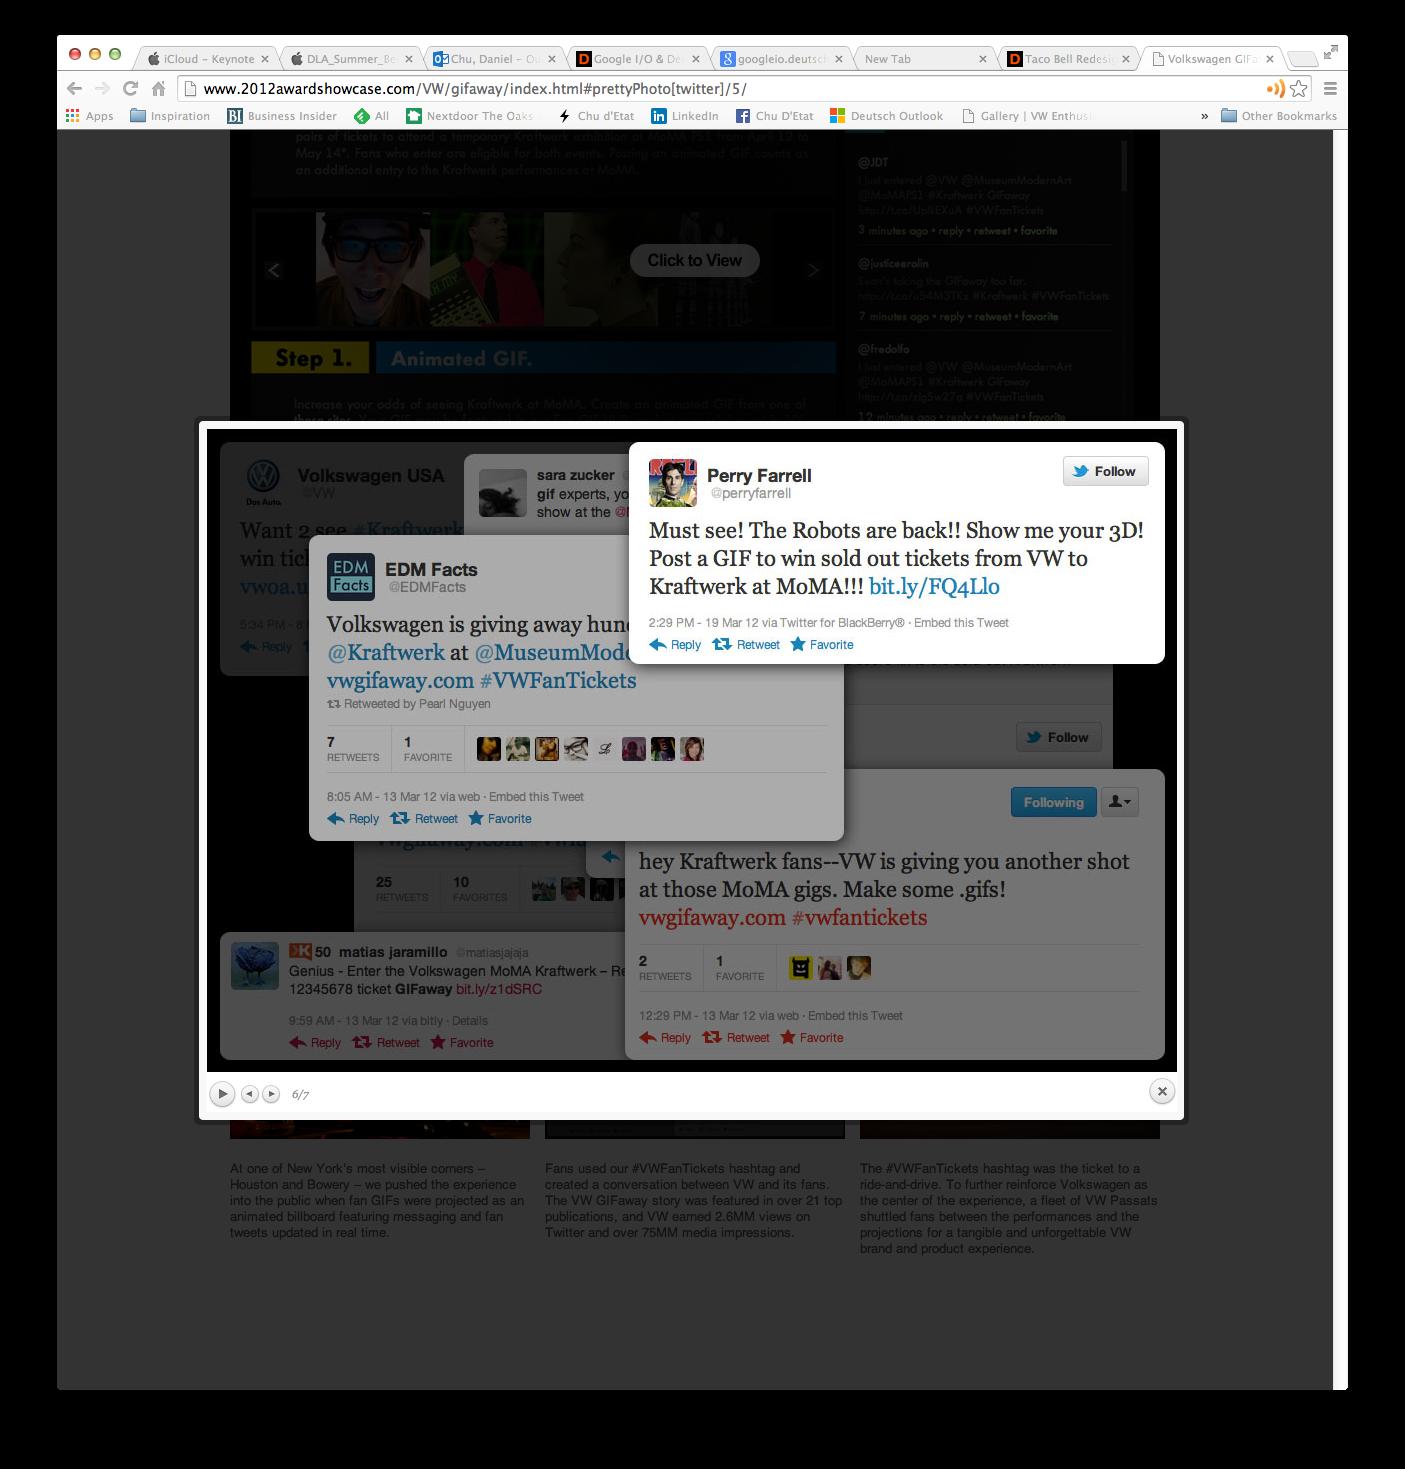 Screen Shot 2014-08-18 at 12.11.40 PM.png